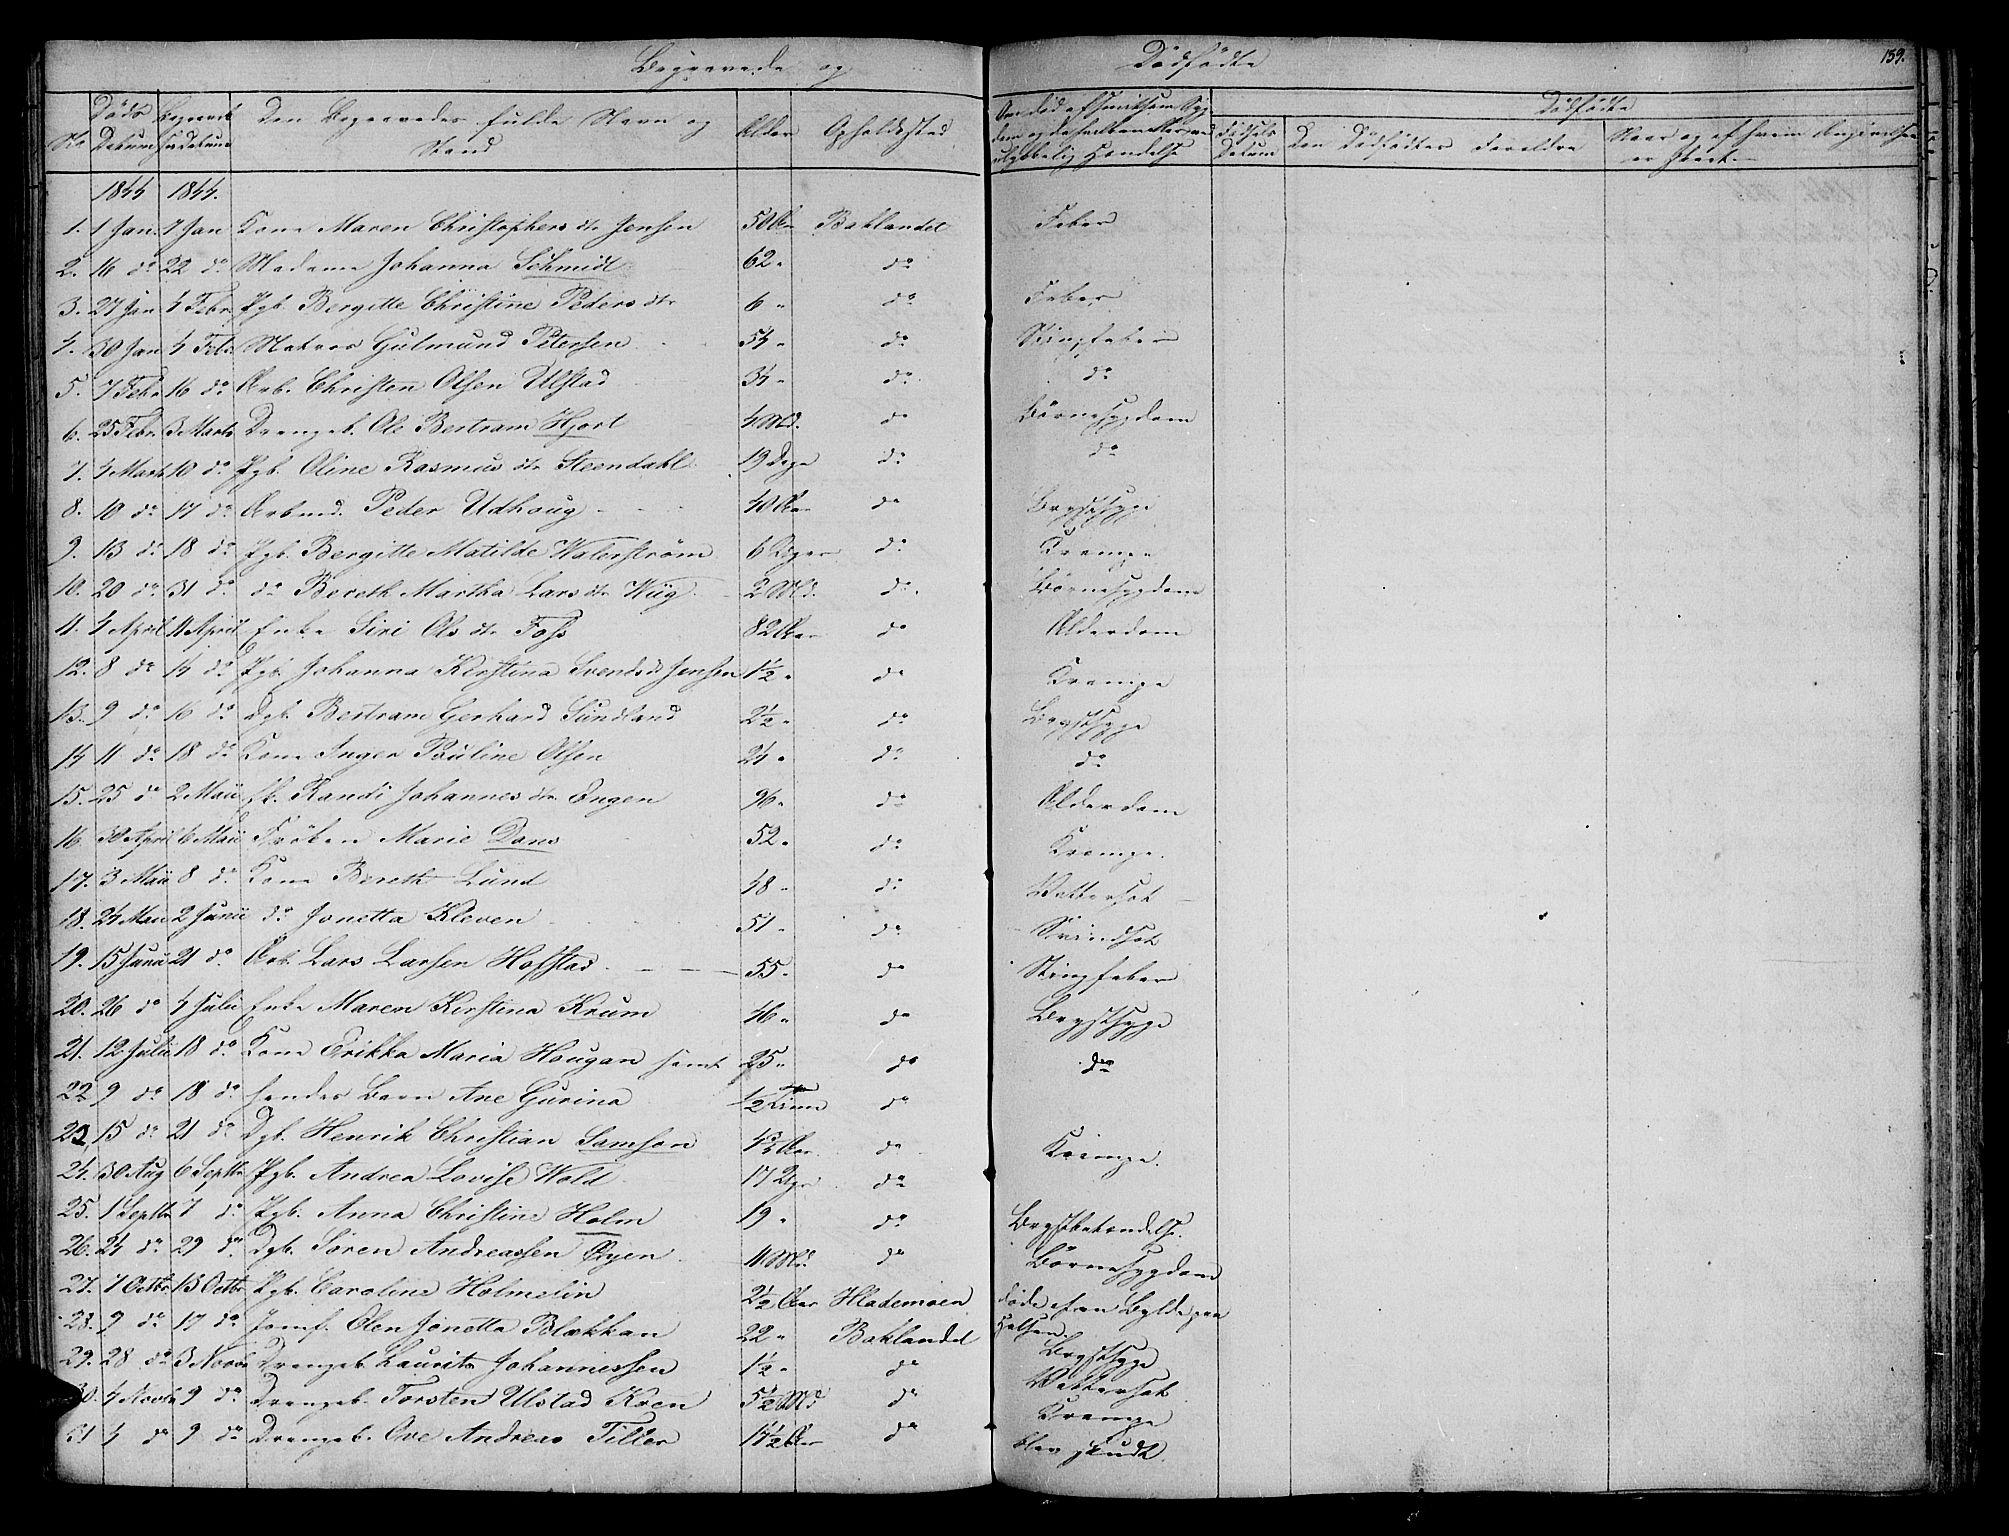 SAT, Ministerialprotokoller, klokkerbøker og fødselsregistre - Sør-Trøndelag, 604/L0182: Ministerialbok nr. 604A03, 1818-1850, s. 139